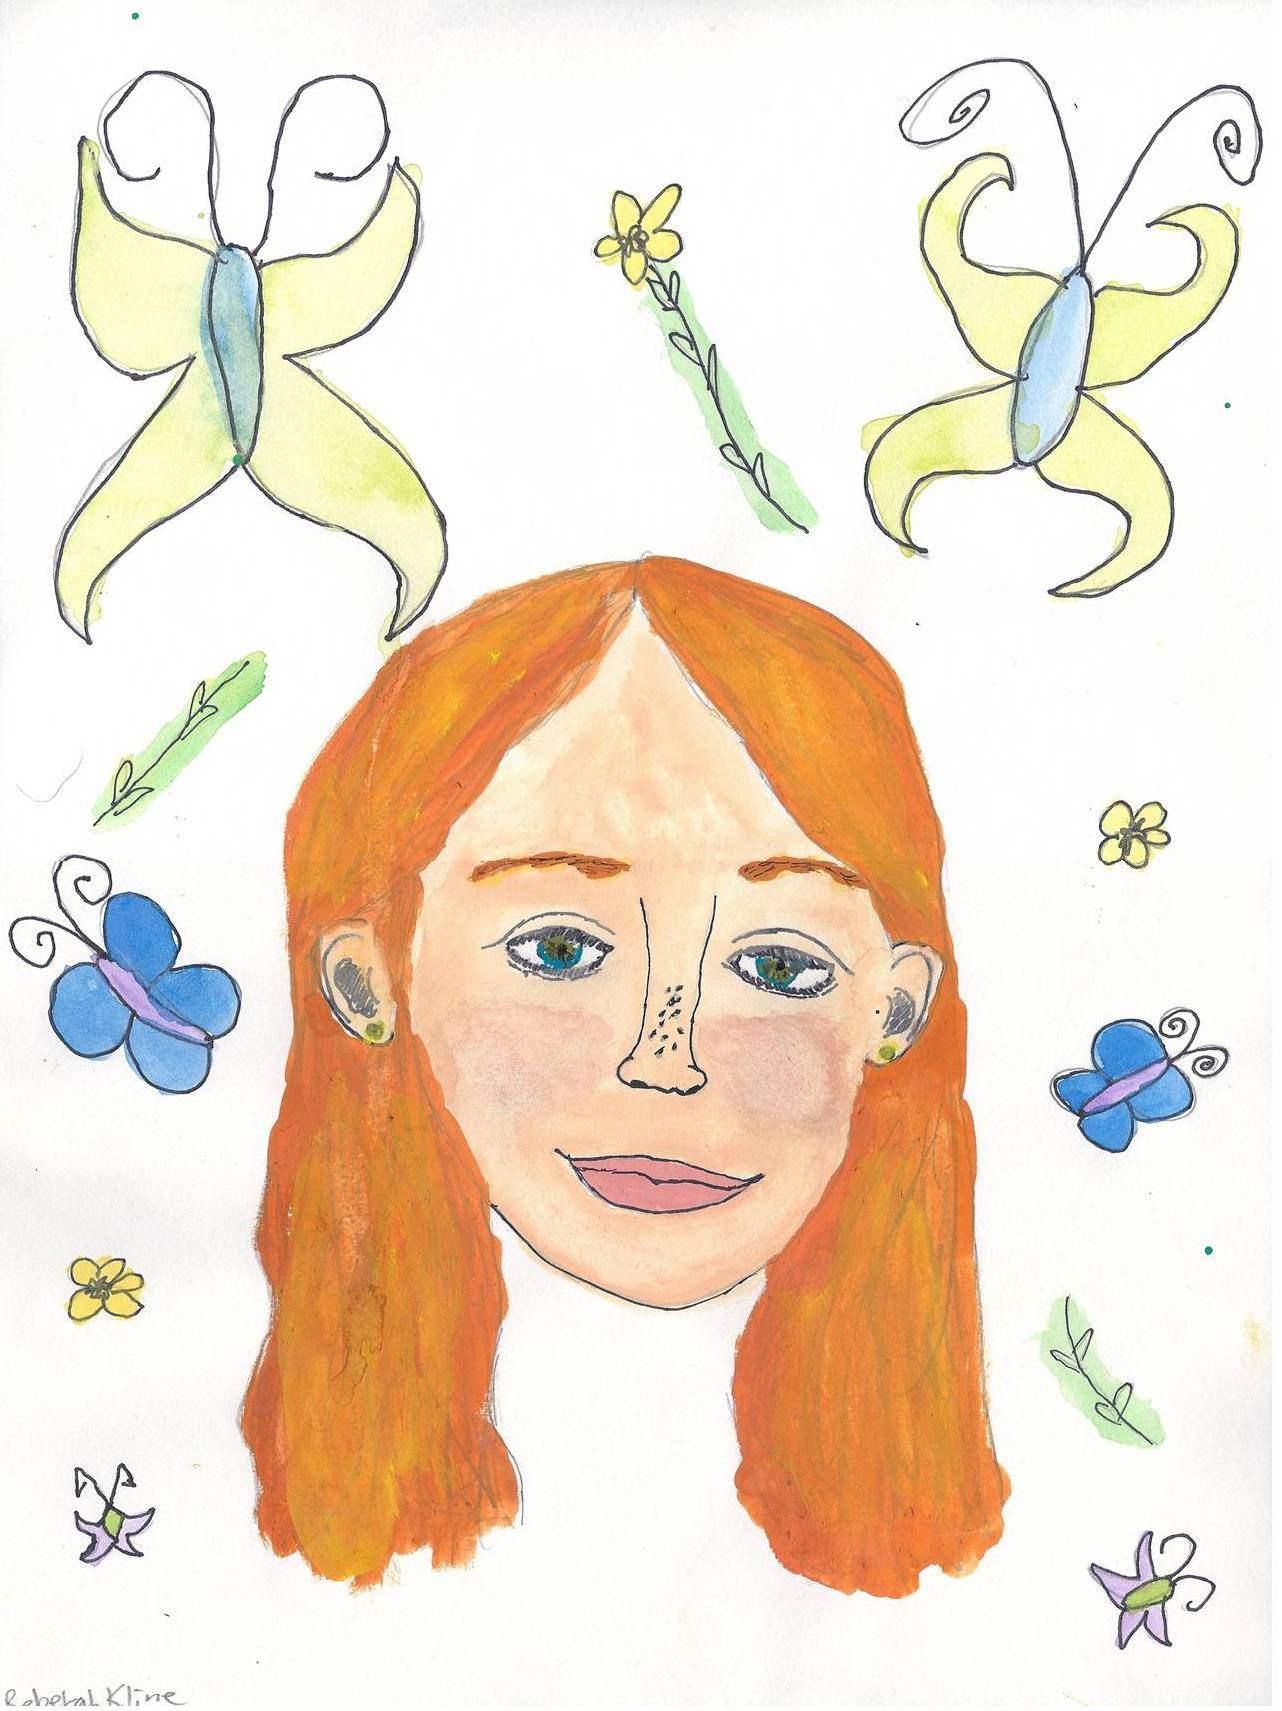 Rebekah Kline for web